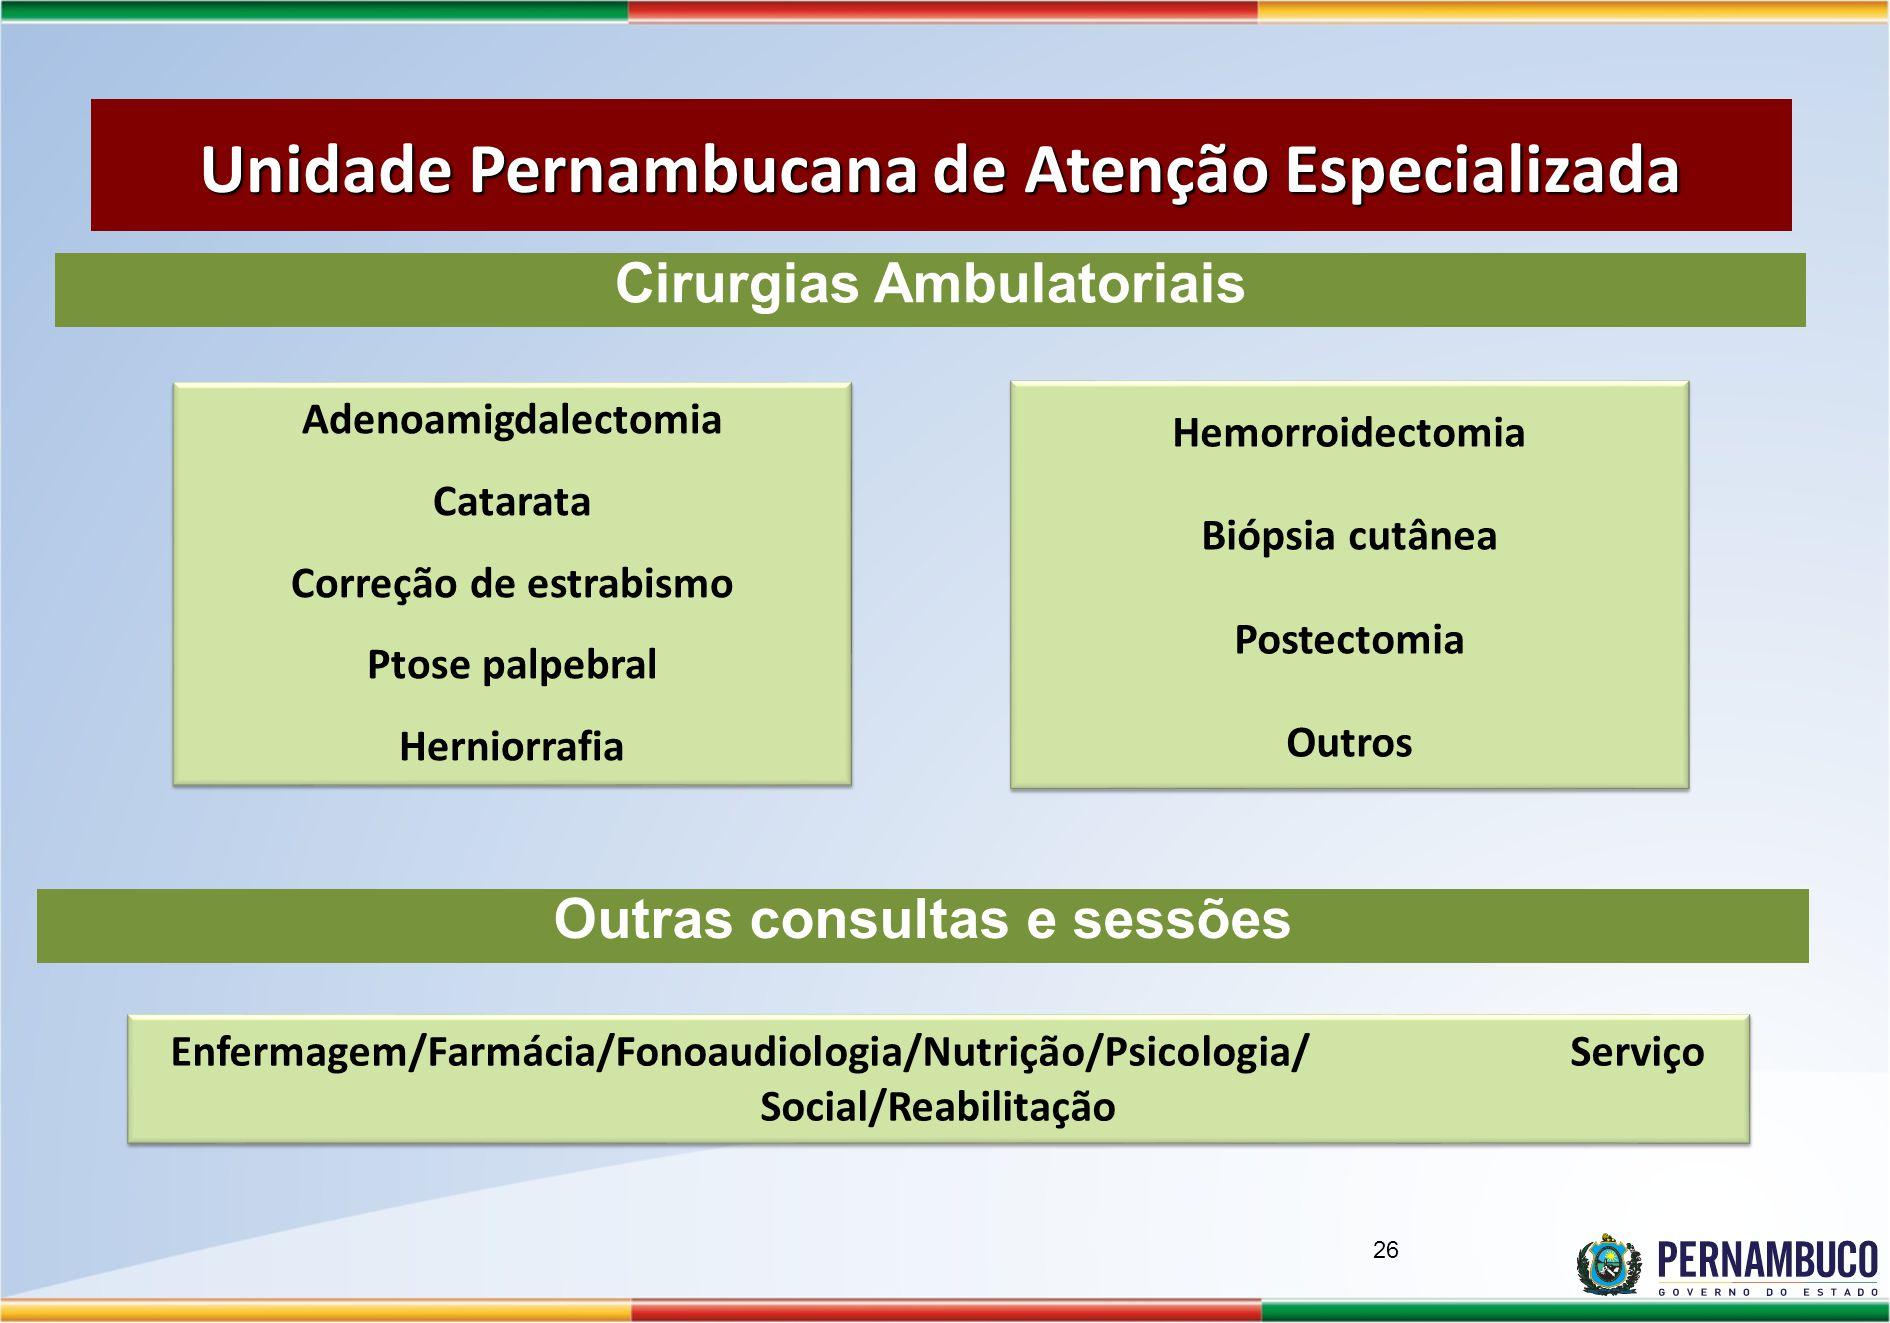 Outras consultas e sessões Cirurgias Ambulatoriais Adenoamigdalectomia Catarata Correção de estrabismo Ptose palpebral Herniorrafia Adenoamigdalectomi